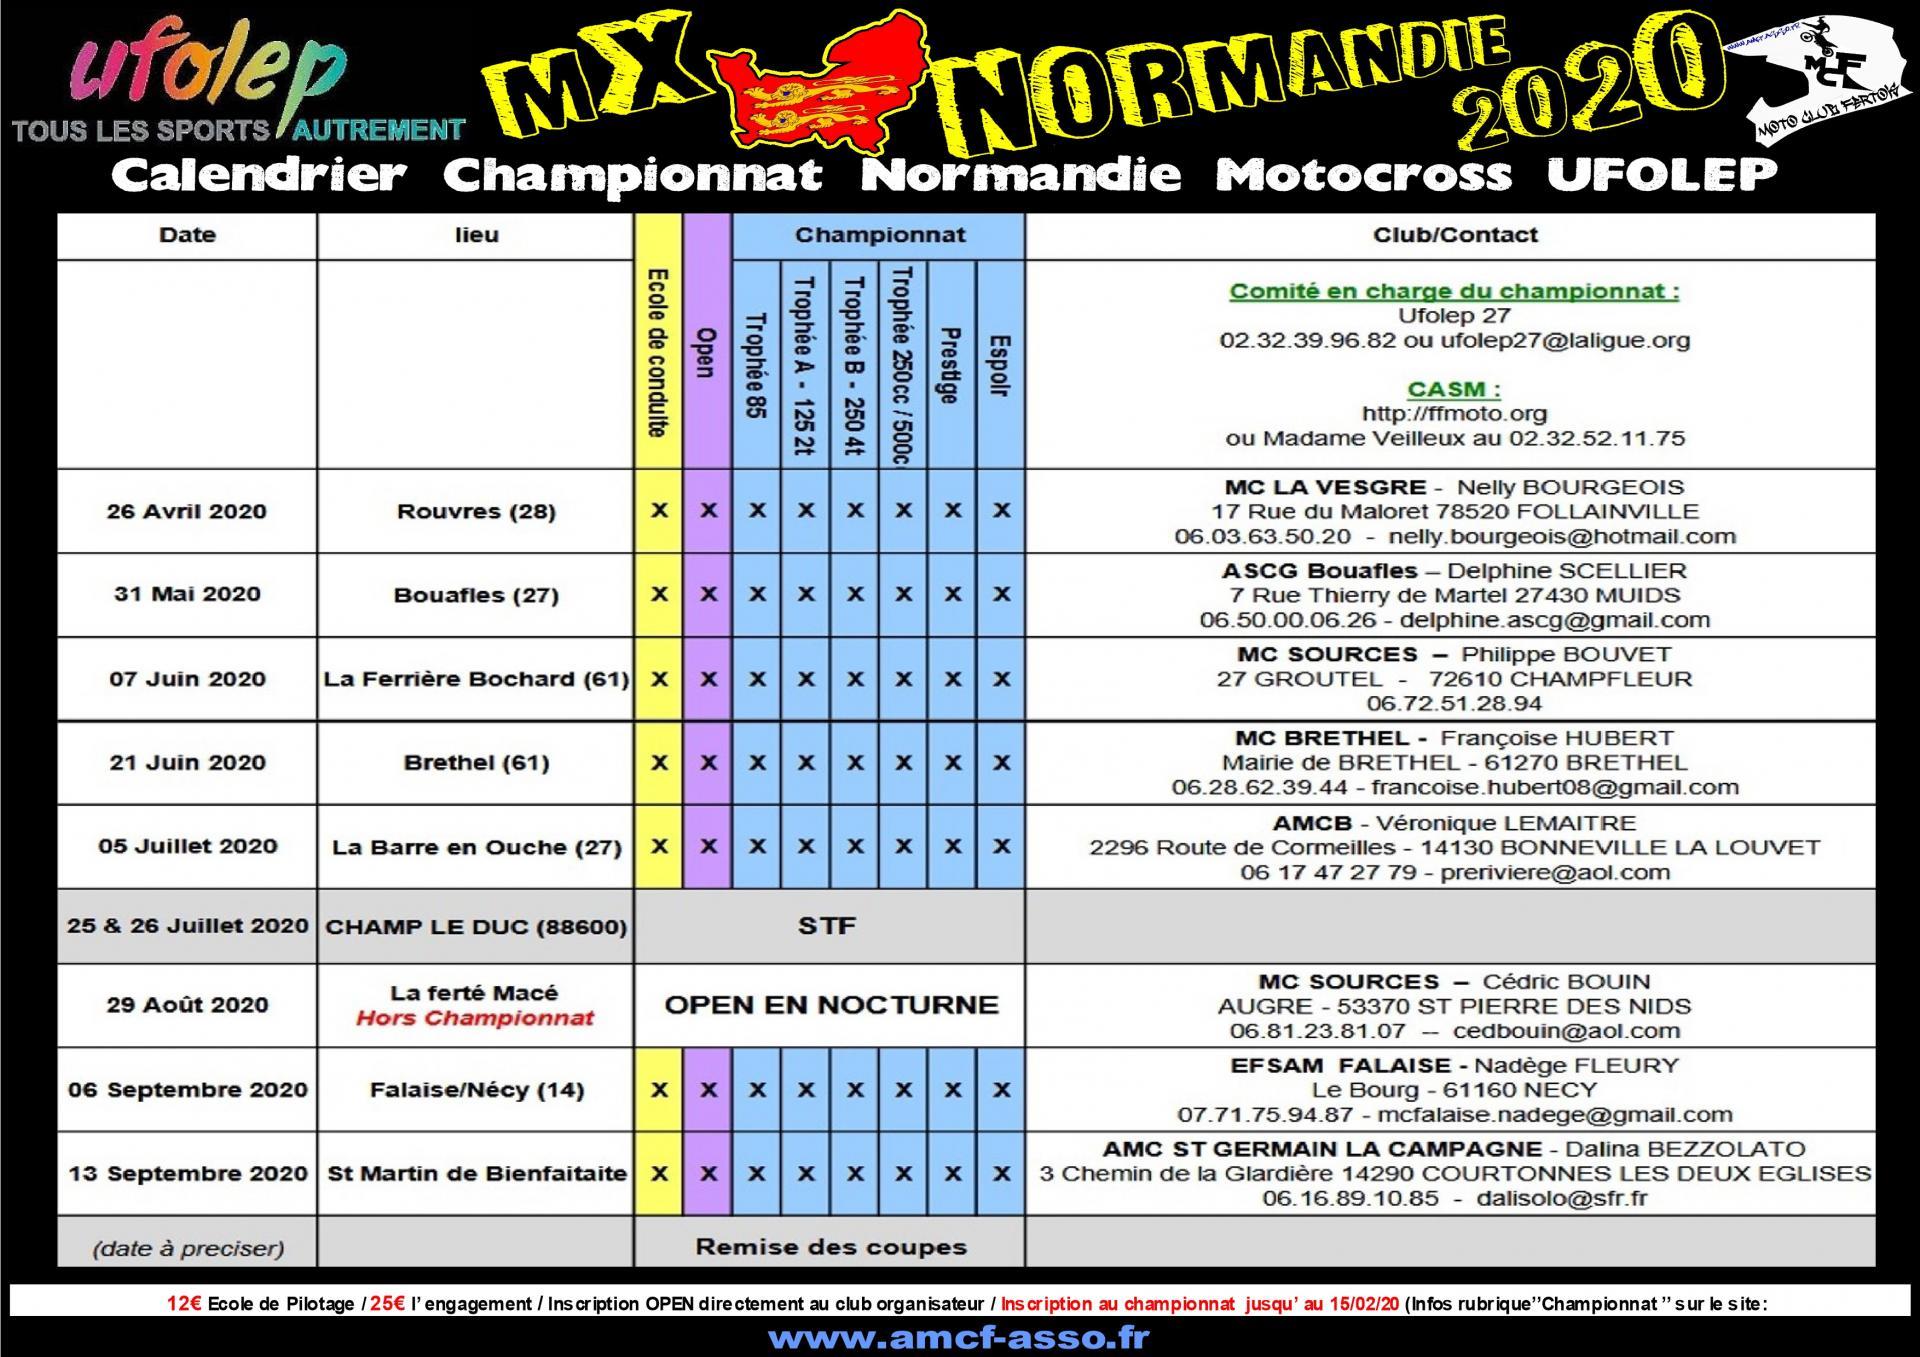 Calendrier Ufolep 2021 Calendrier Motocross Ufolep 2020 NORMANDIE,PAYS DE LOIRE,